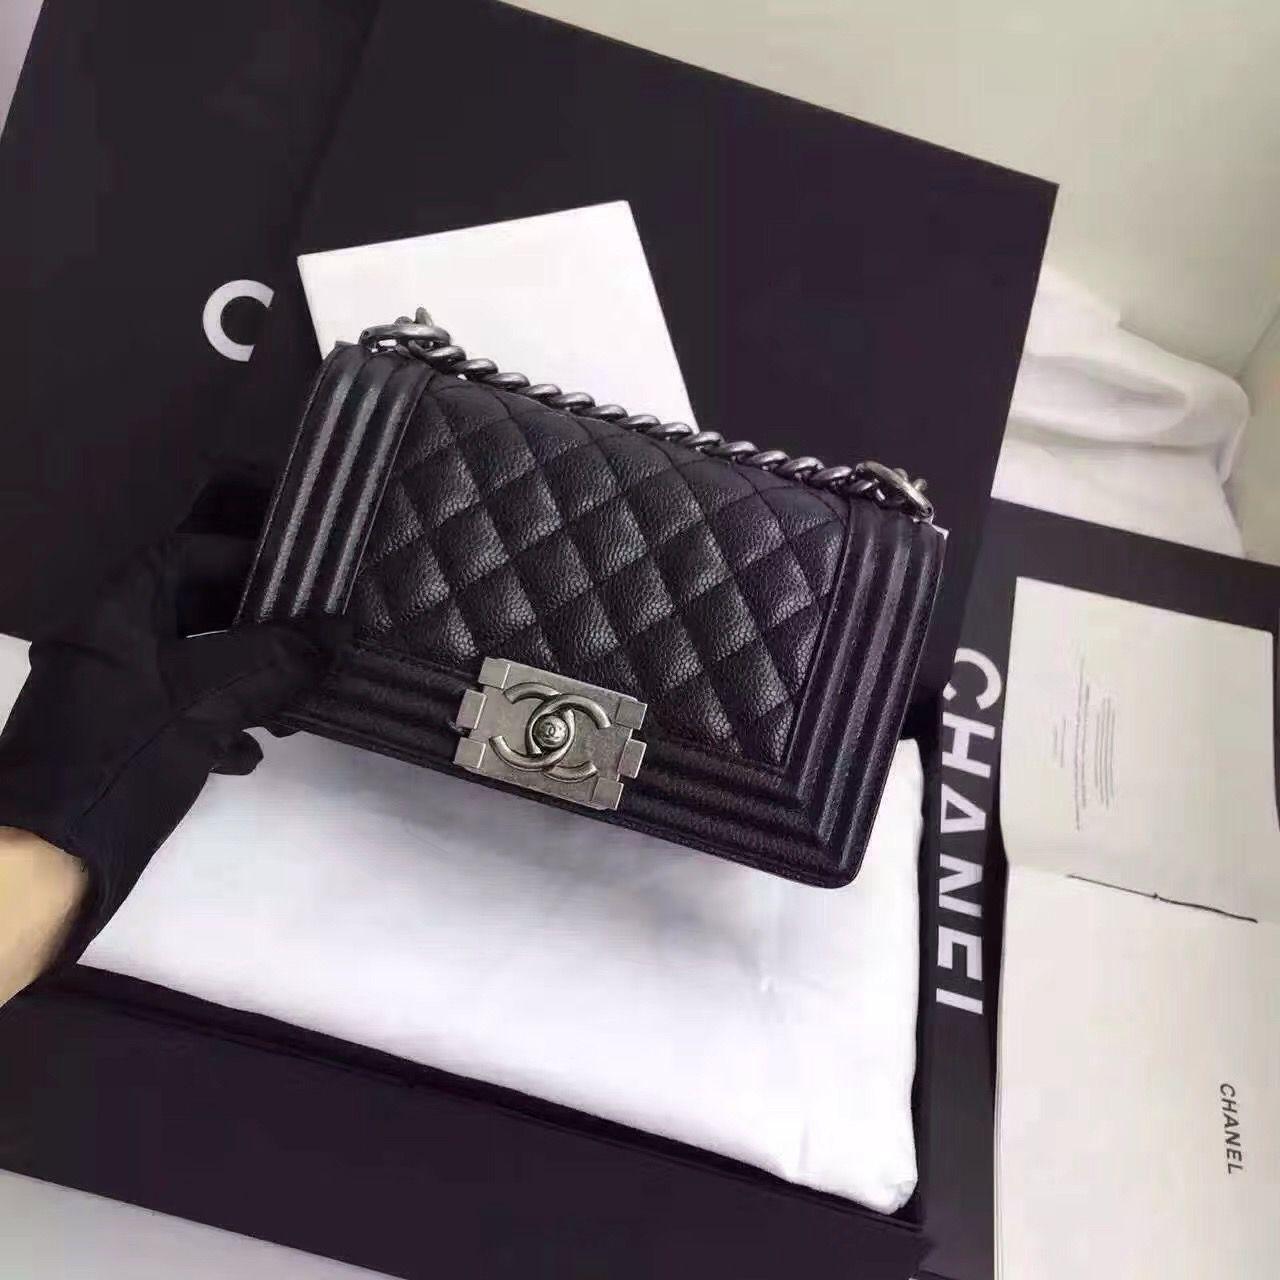 83625a0b9 Chanel leboy 20Cm | Chanel le boy | Chanel le boy, Chanel boy bag ...